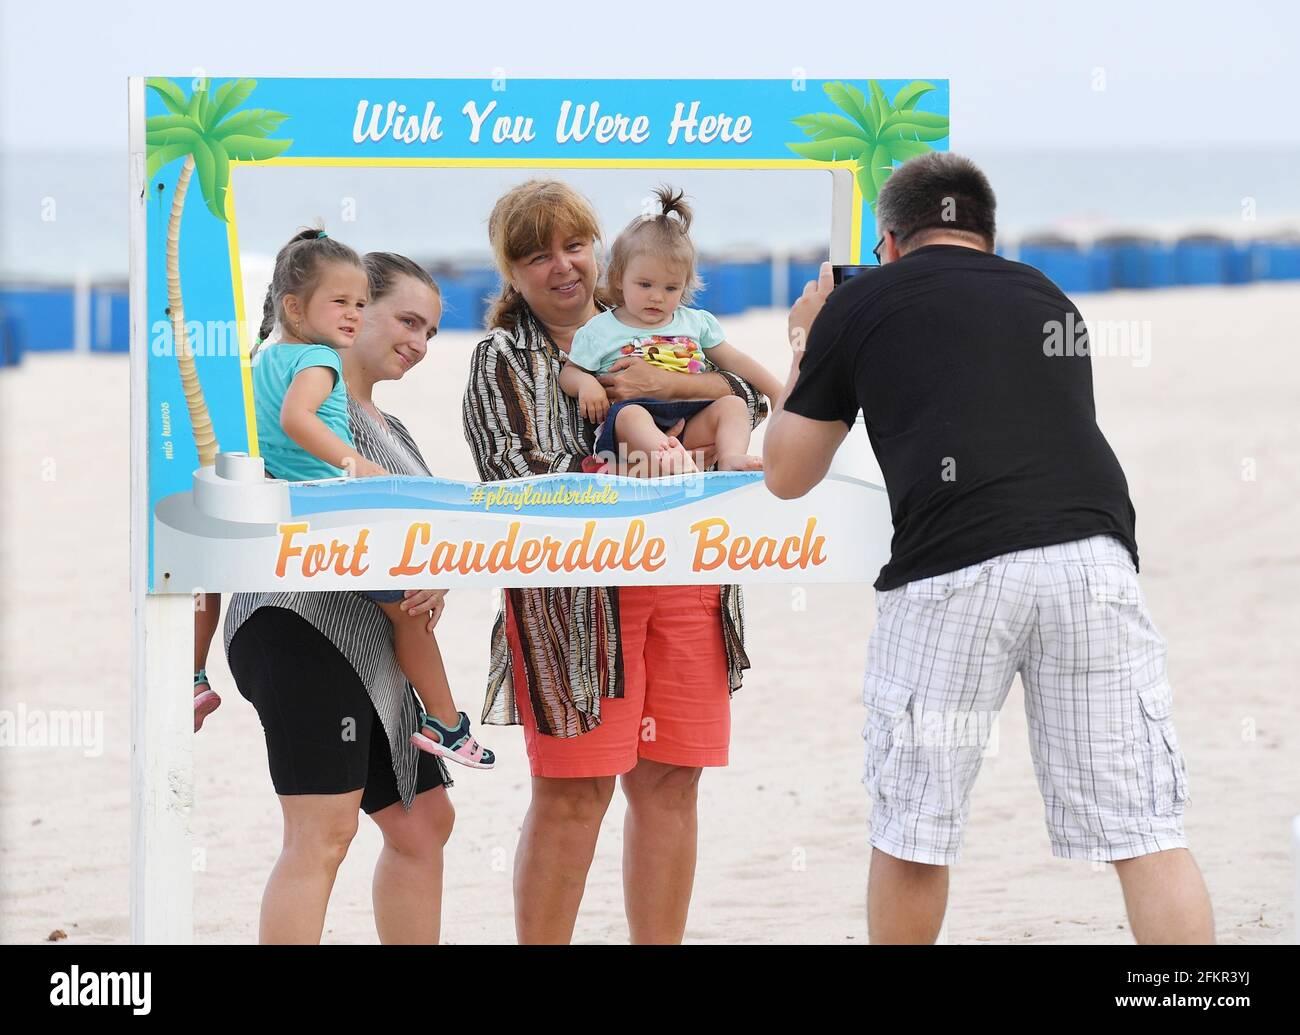 , Fort Lauderdale, FL - 20200527 personas divirtiéndose mientras las playas vuelven a abrir durante el plan de la fase 2 del condado de Broward Todas las playas en las ciudades del condado de Broward están siguiendo la reapertura. Sin embargo, el Condado de Broward ha dado una pauta estándar mínima. El administrador del condado dijo que los municipios pueden establecer medidas más estrictas dentro de su jurisdicción, en la medida permitida por la ley. Los residentes deben verificar con su municipio para asegurarse de que están al tanto de los requisitos locales. -FOTO: Playas de Fort Lauderdale -FOTO: INSTARimages.com Esta es una imagen editorial, con derechos de autor. Por favor, CO Foto de stock